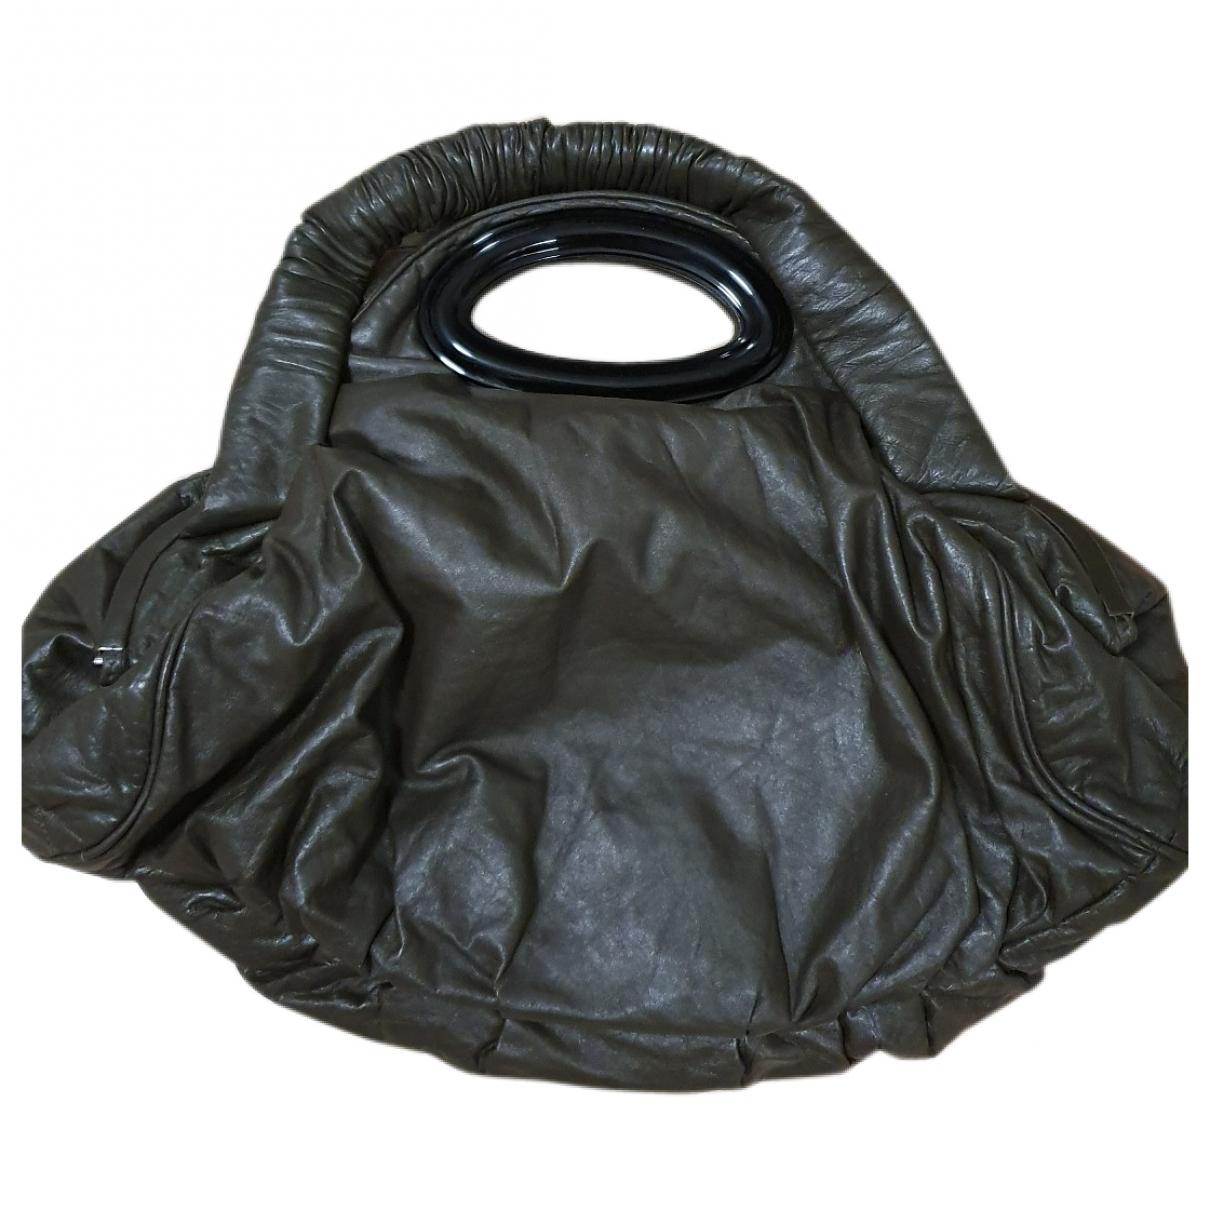 Marni \N Handtasche in  Gruen Leder